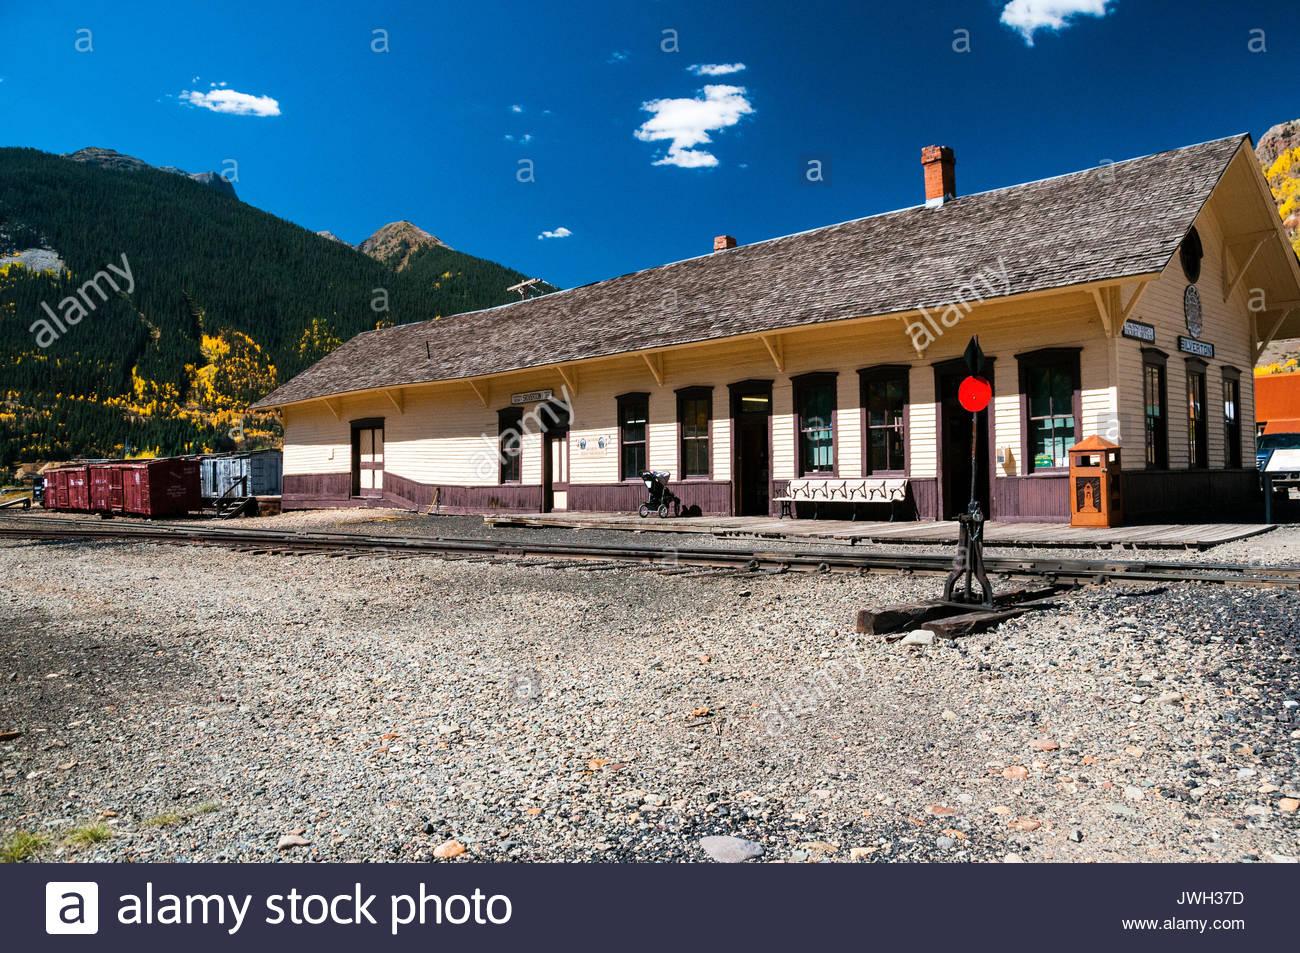 Durango silverton narrow gauge railroad stock photos for The silverton